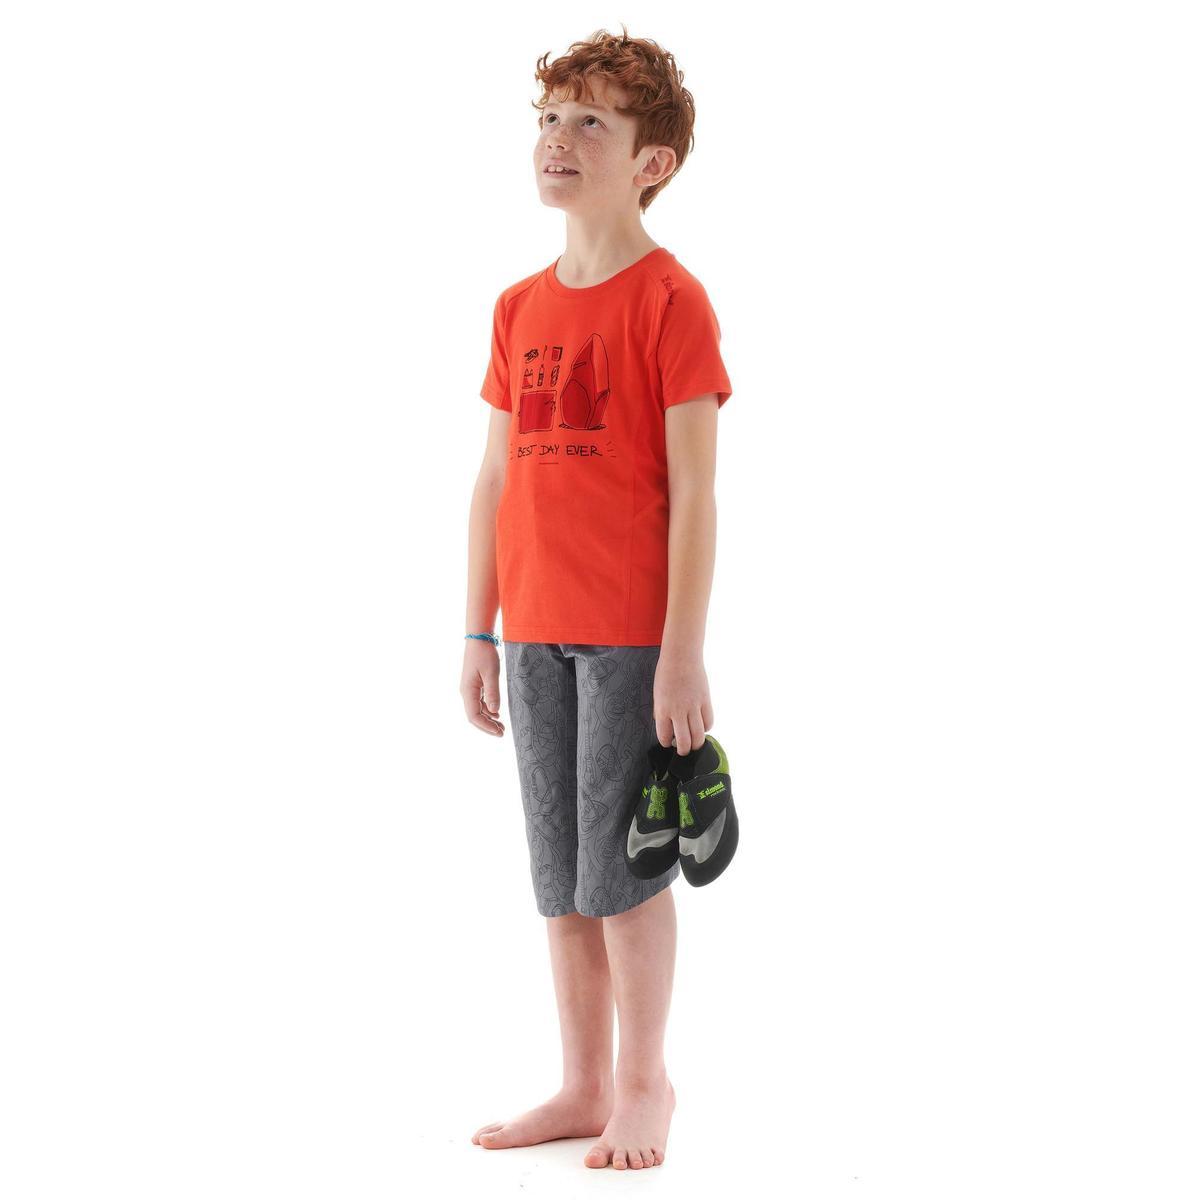 Bild 2 von Kletter-T-Shirt Kinder Kurzarm rot